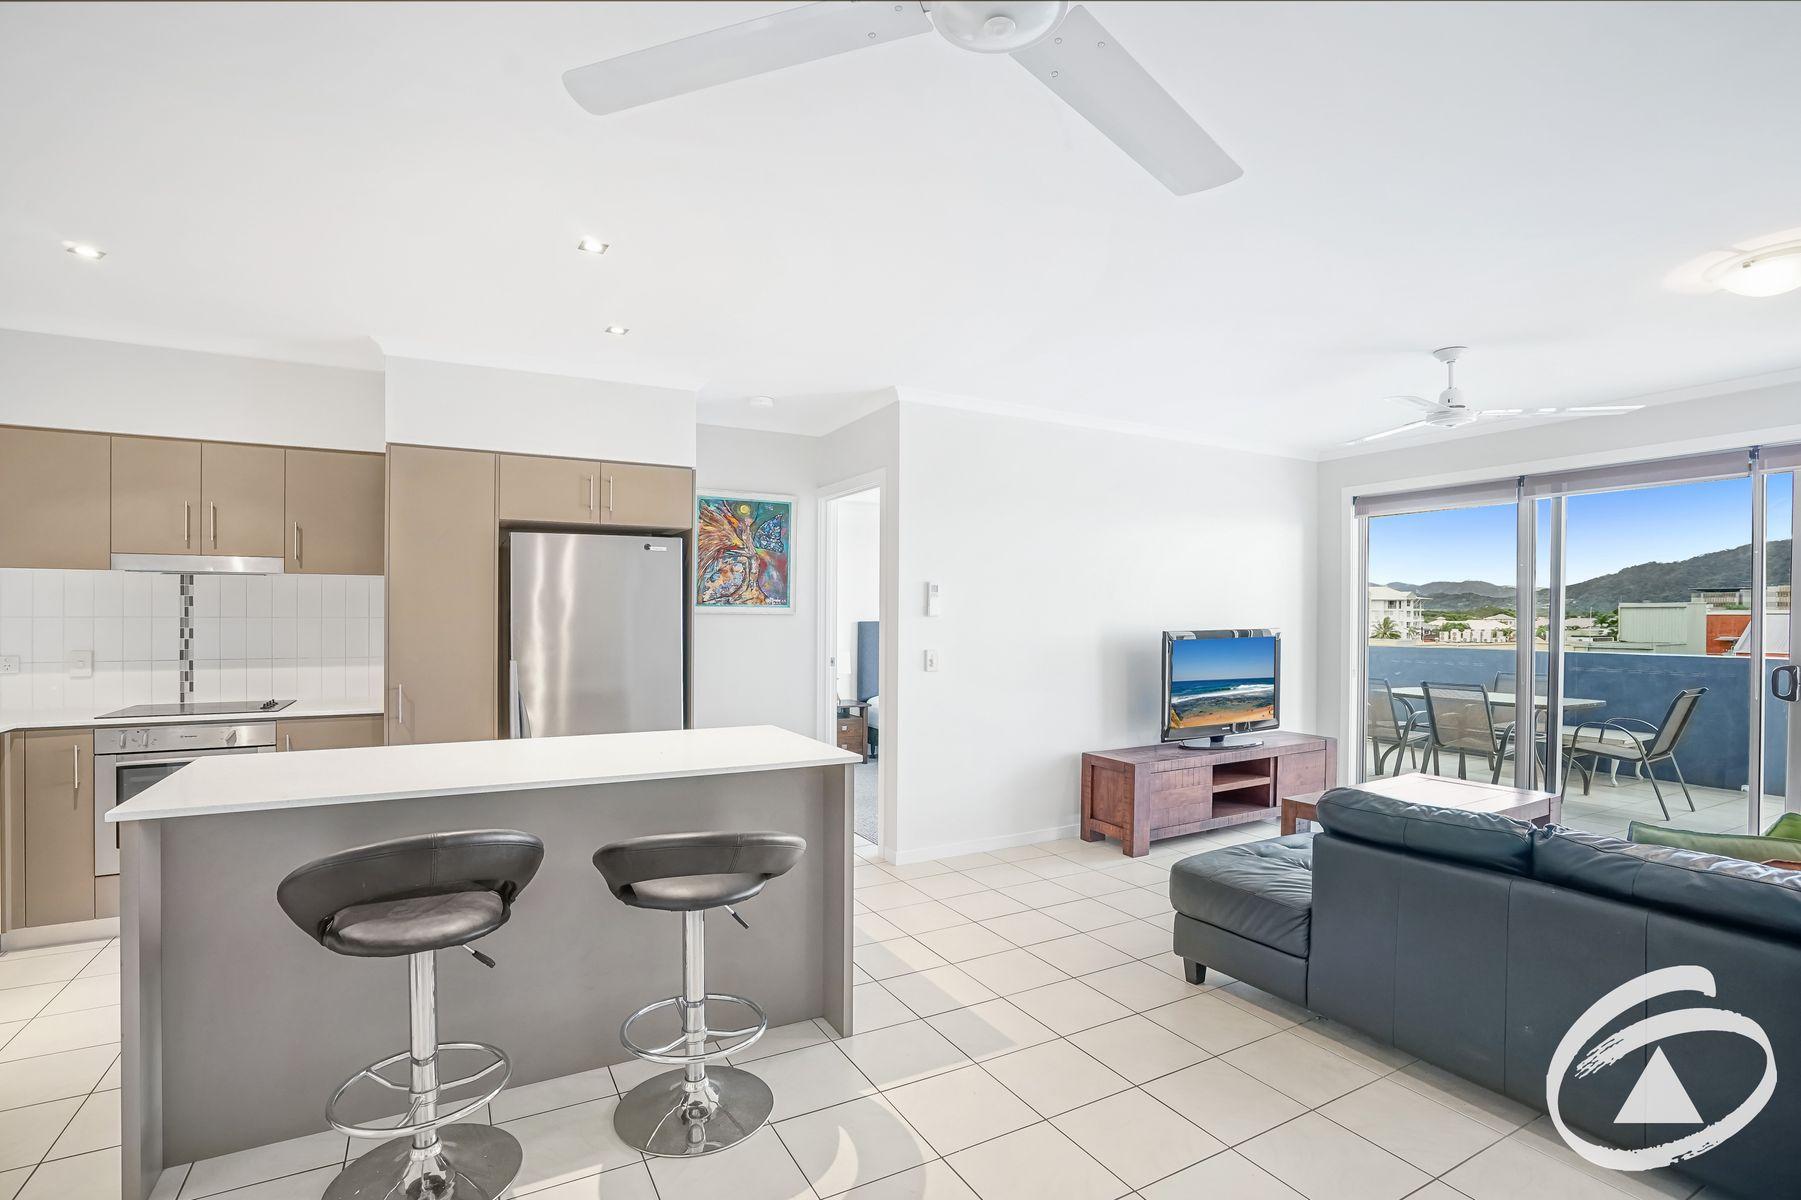 22/189-191 Abbott Street, Cairns City, QLD 4870